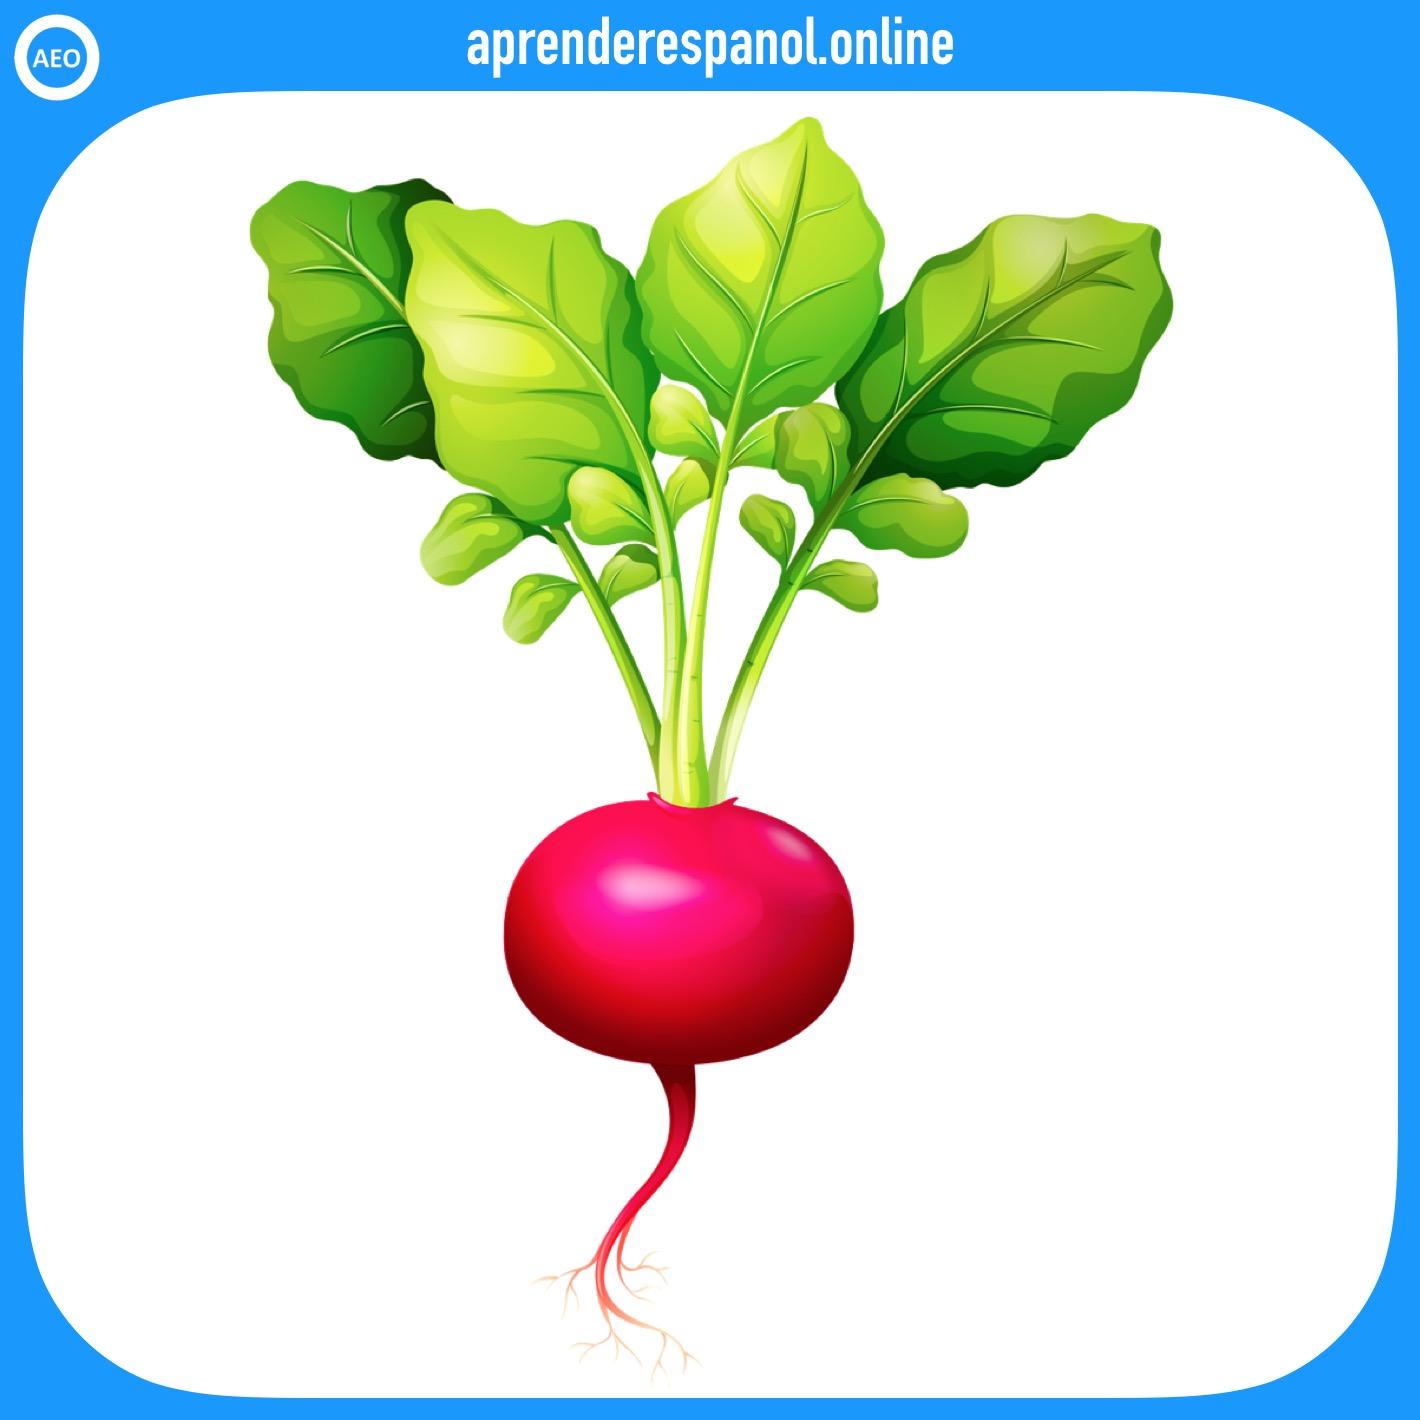 rábano | verduras en español | vocabulario de las verduras en español